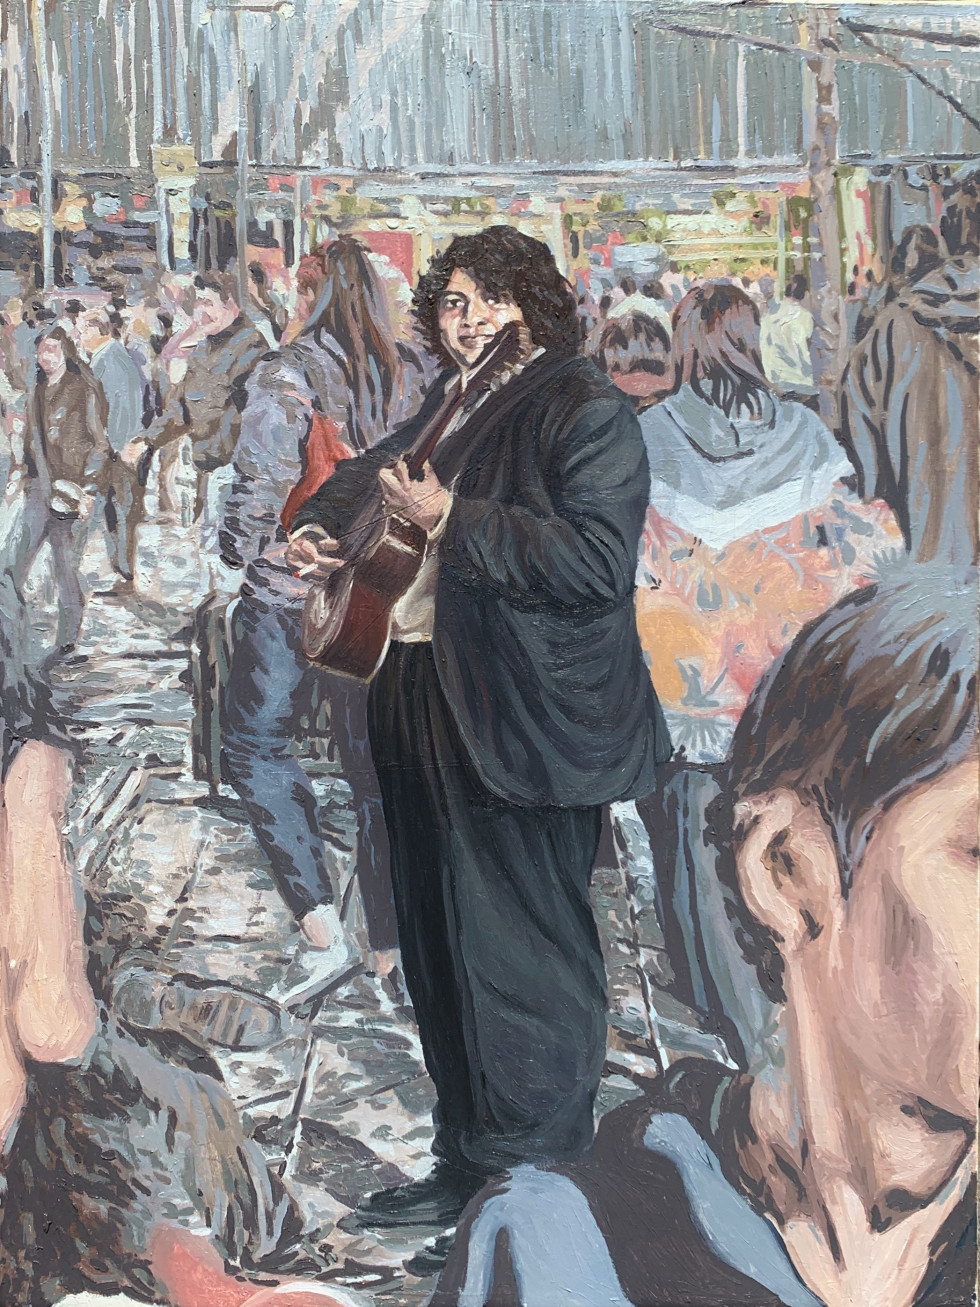 Asia Society: Guadalupe Hernandez, Plaza Garibaldi